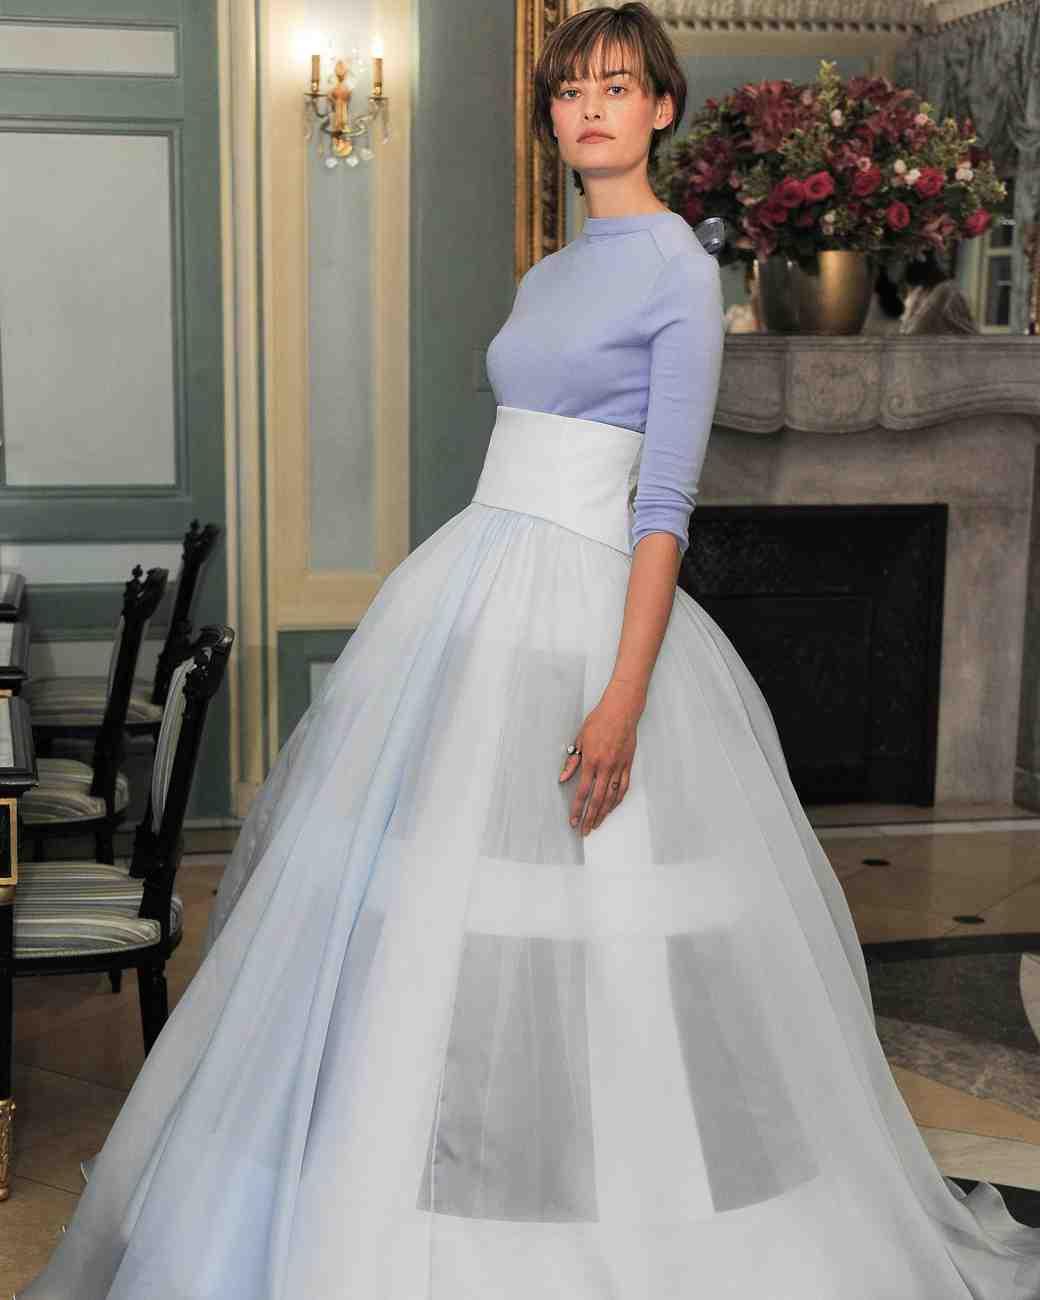 Full Bride Dresses